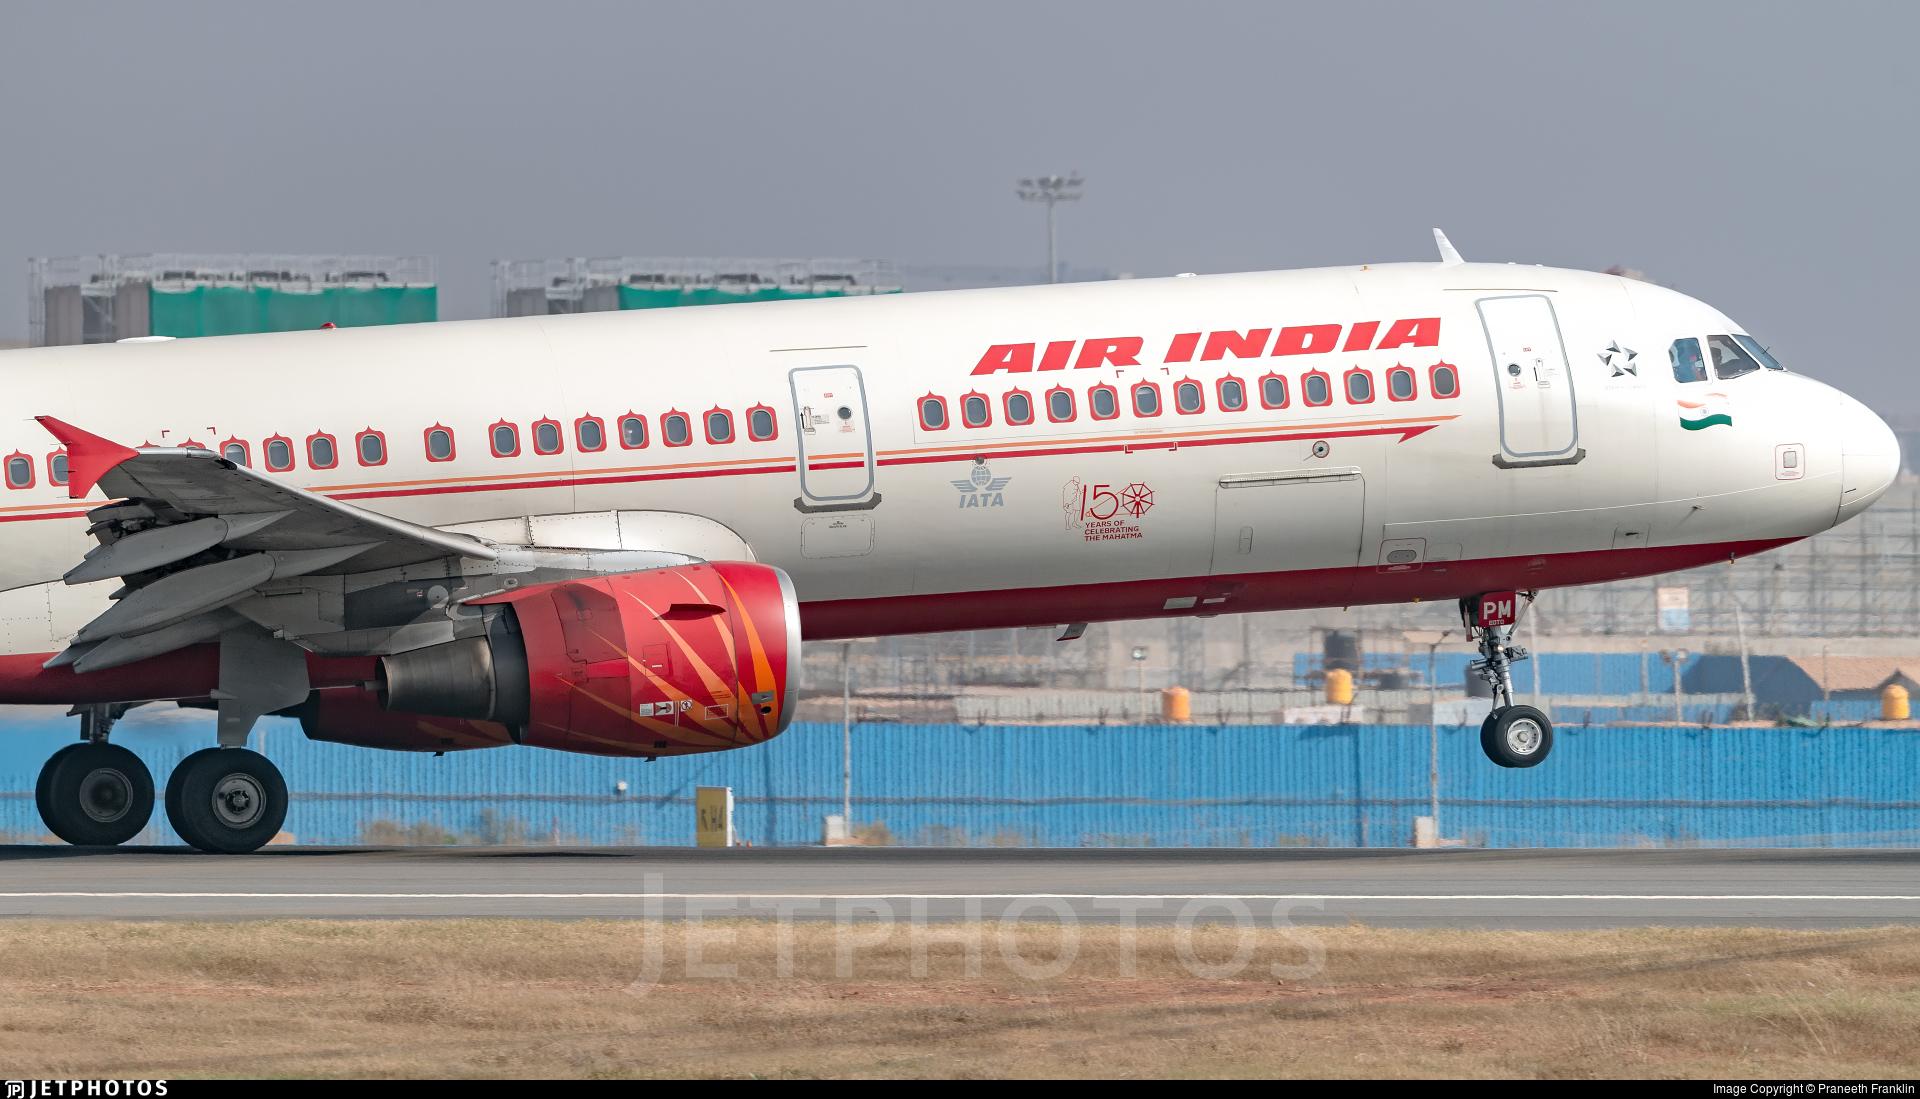 VT-PPM - Airbus A321-211 - Air India